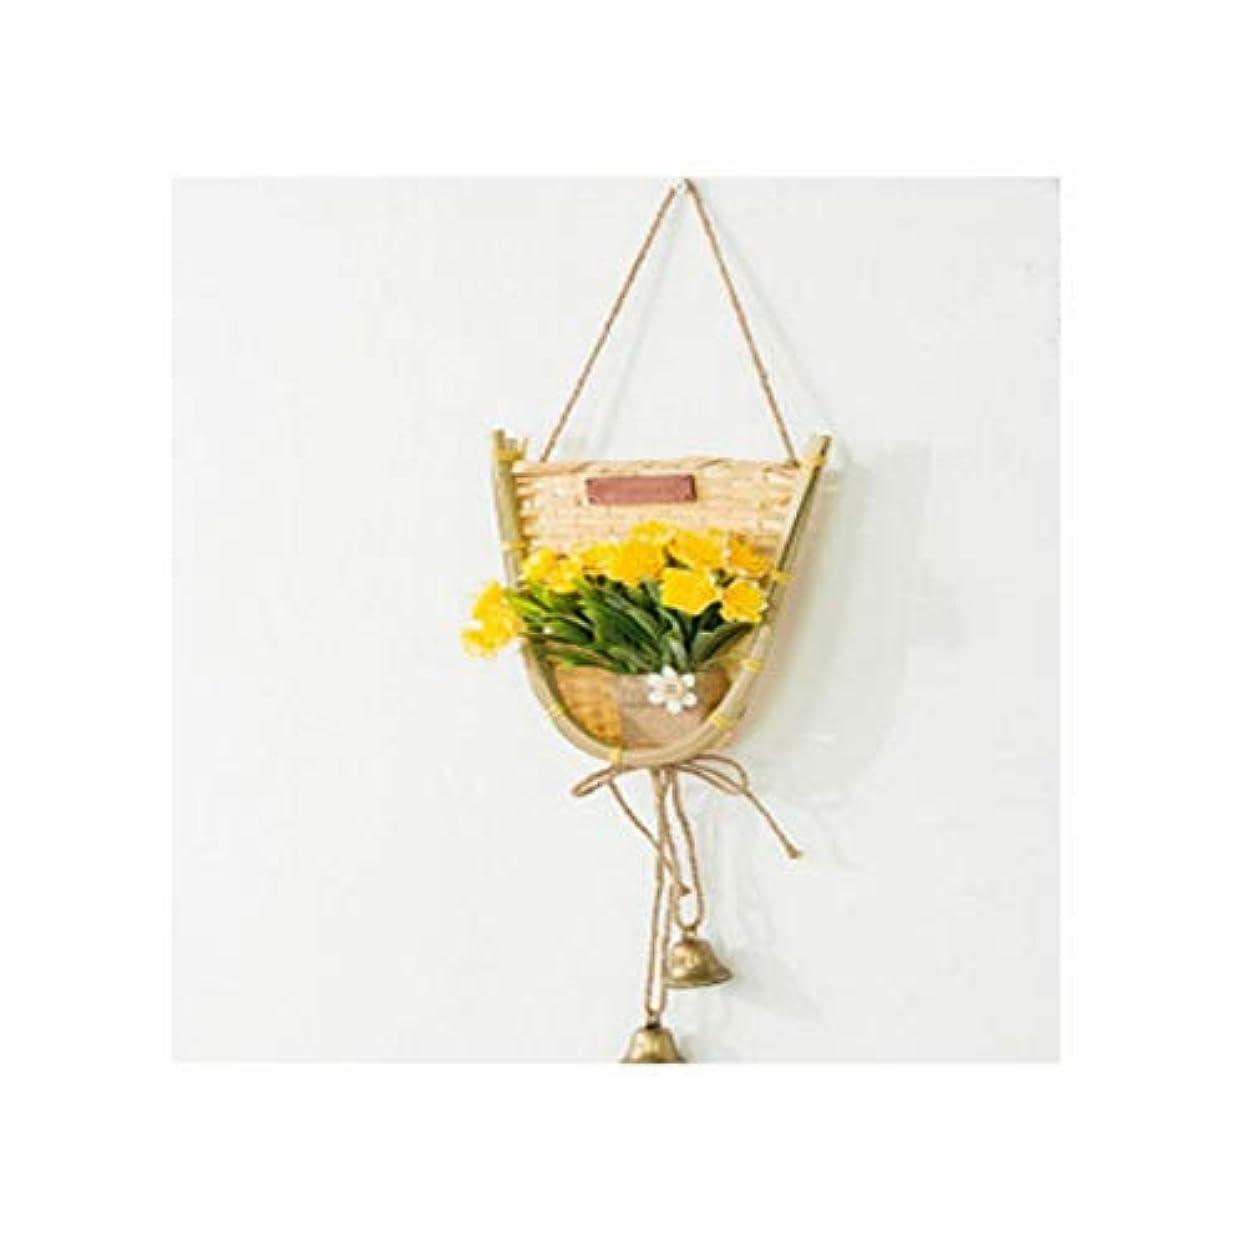 ロデオ礼拝としてYougou001 壁の装飾、クリエイティブホームリビングルームの廊下の寝室の壁の装飾、Shilixiang半楕円,絶妙 (Design : Shili incense semi-ellipse)